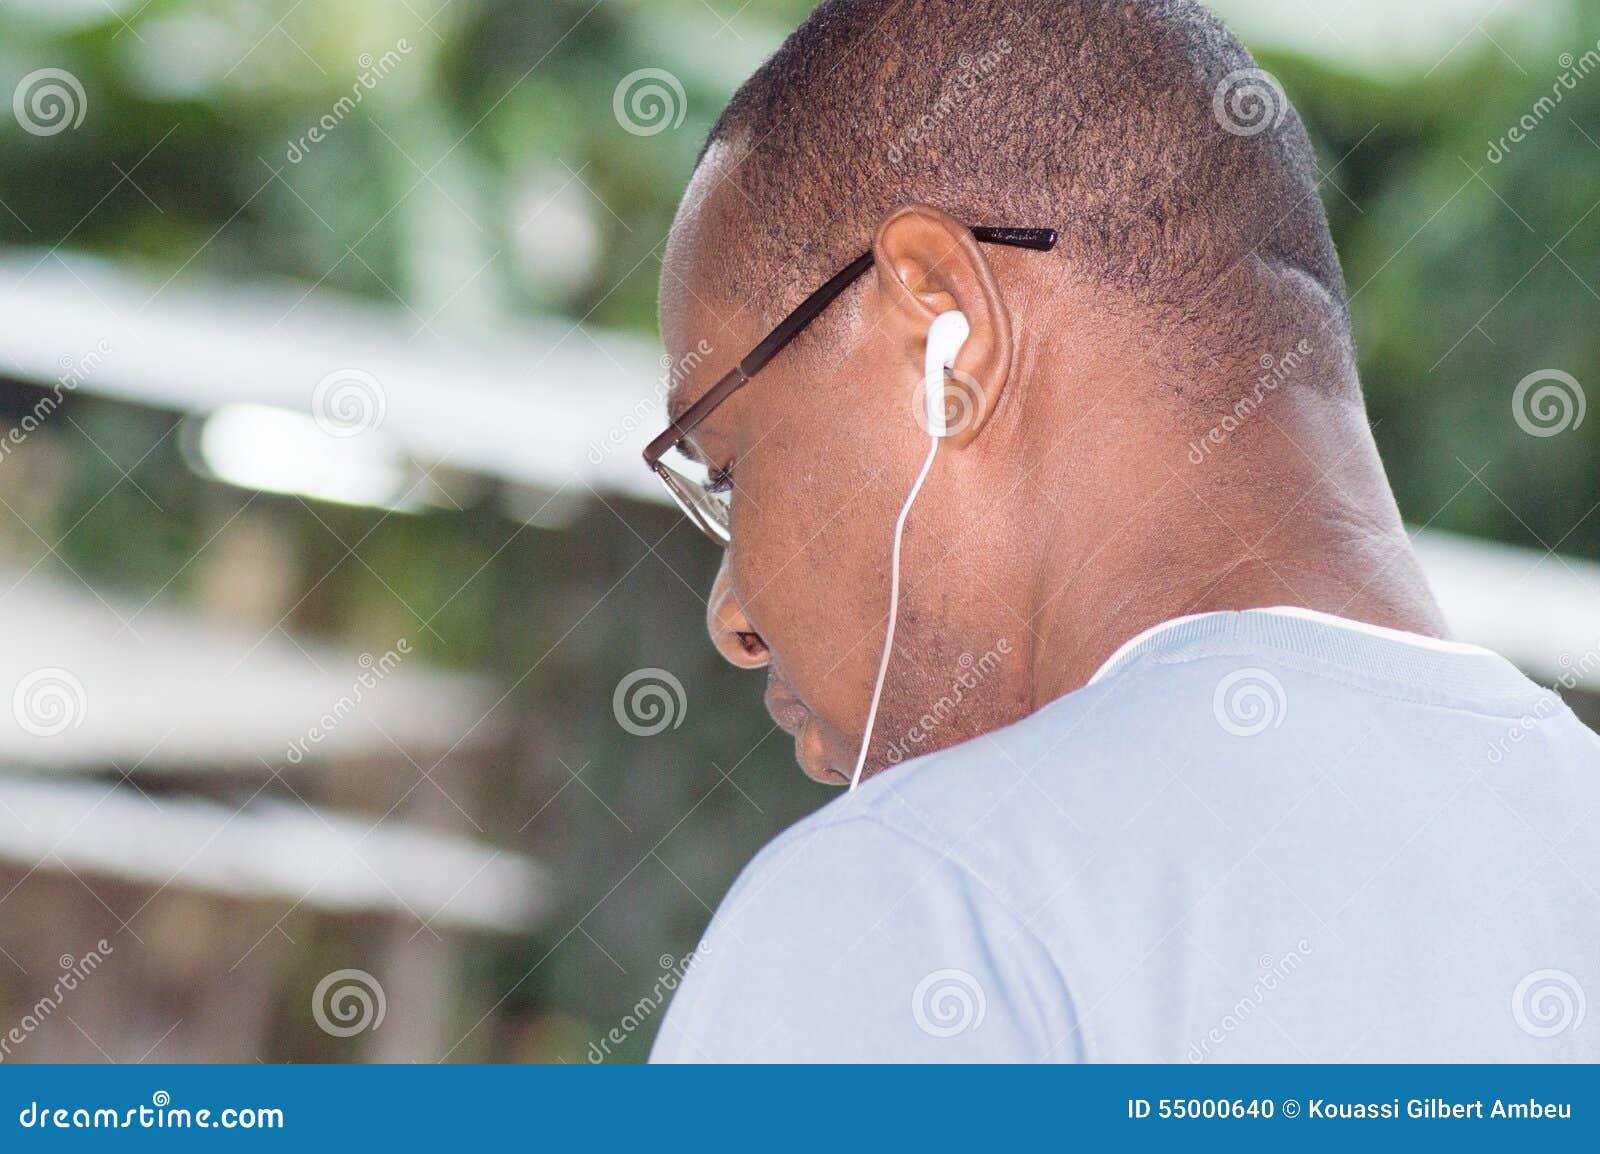 Nahaufnahme des Kopfes eines jungen Mannes mit einem Kopfhörer